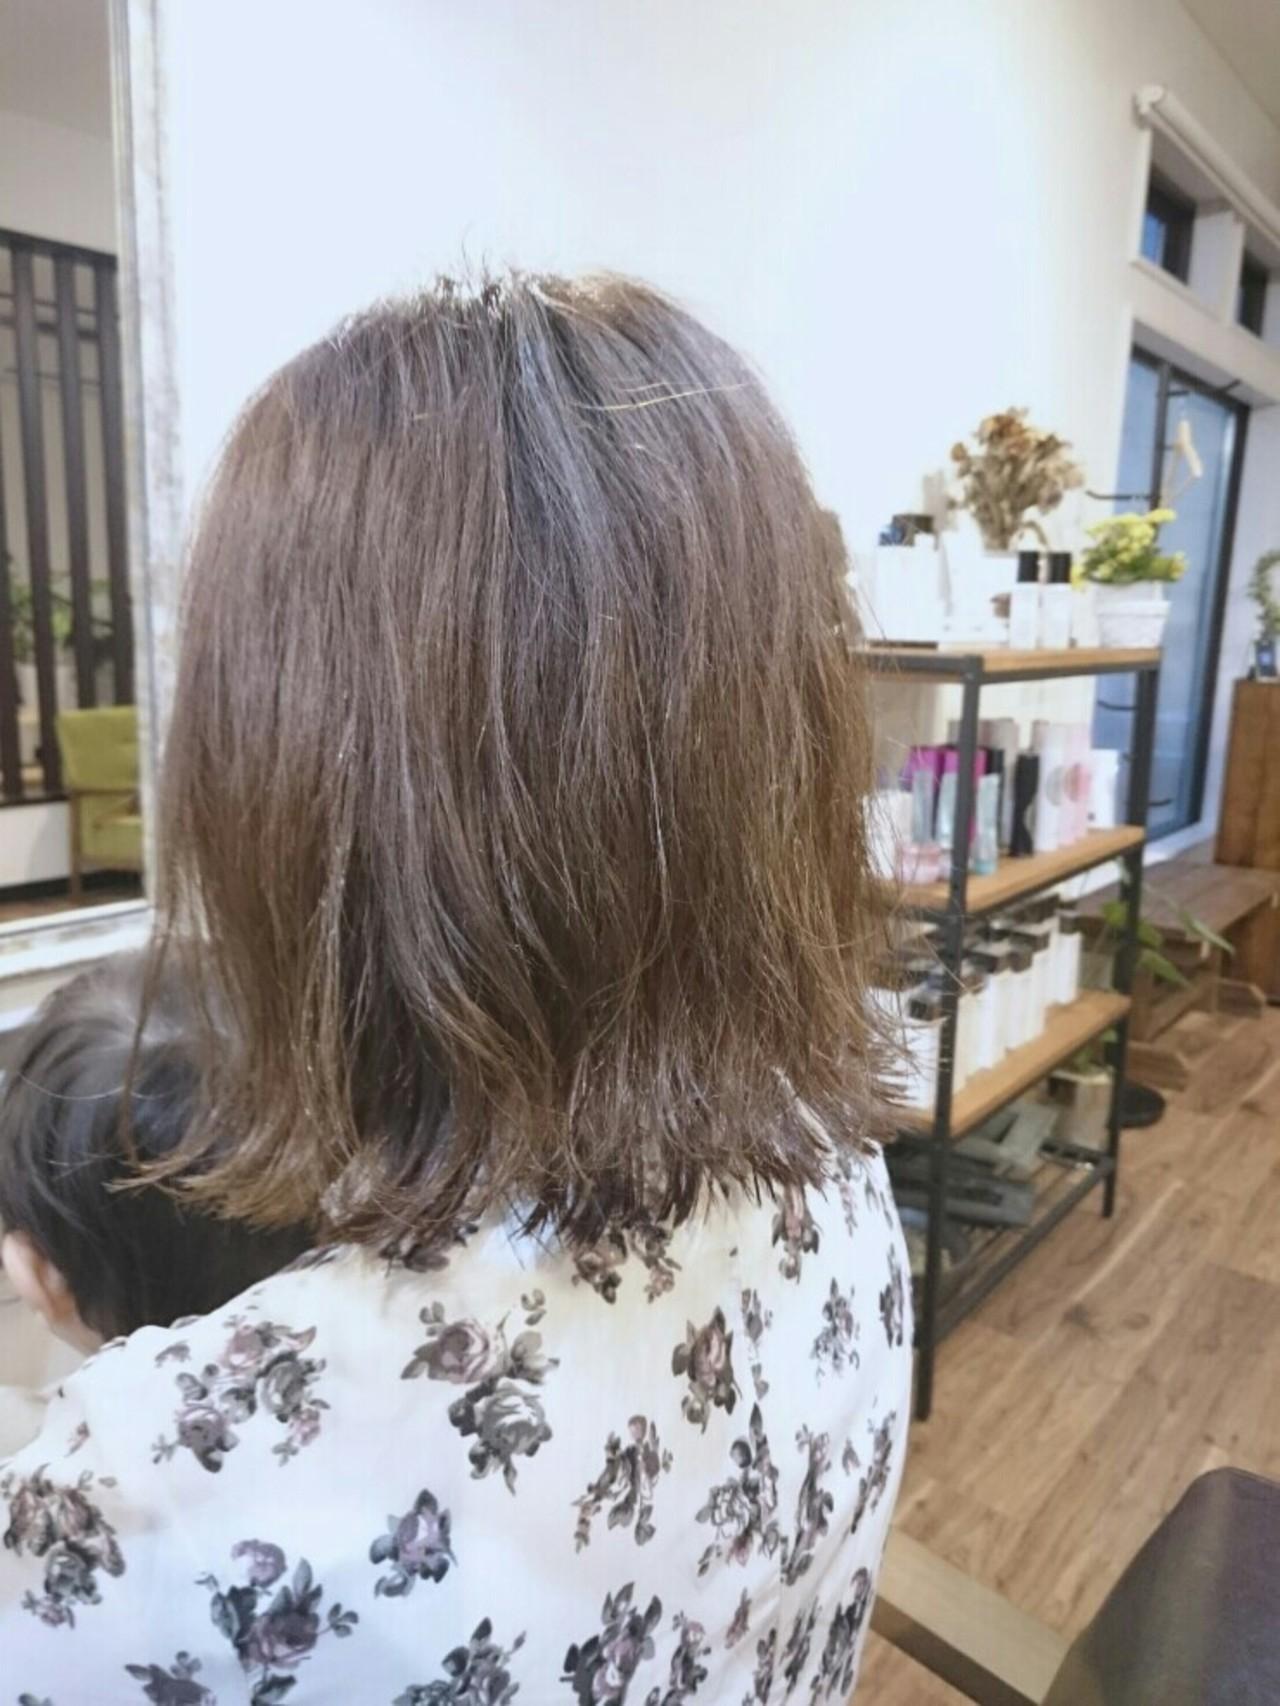 ナチュラル ゆるふわ ボブ 外国人風 ヘアスタイルや髪型の写真・画像 | 村上 悠 / lobby hair design